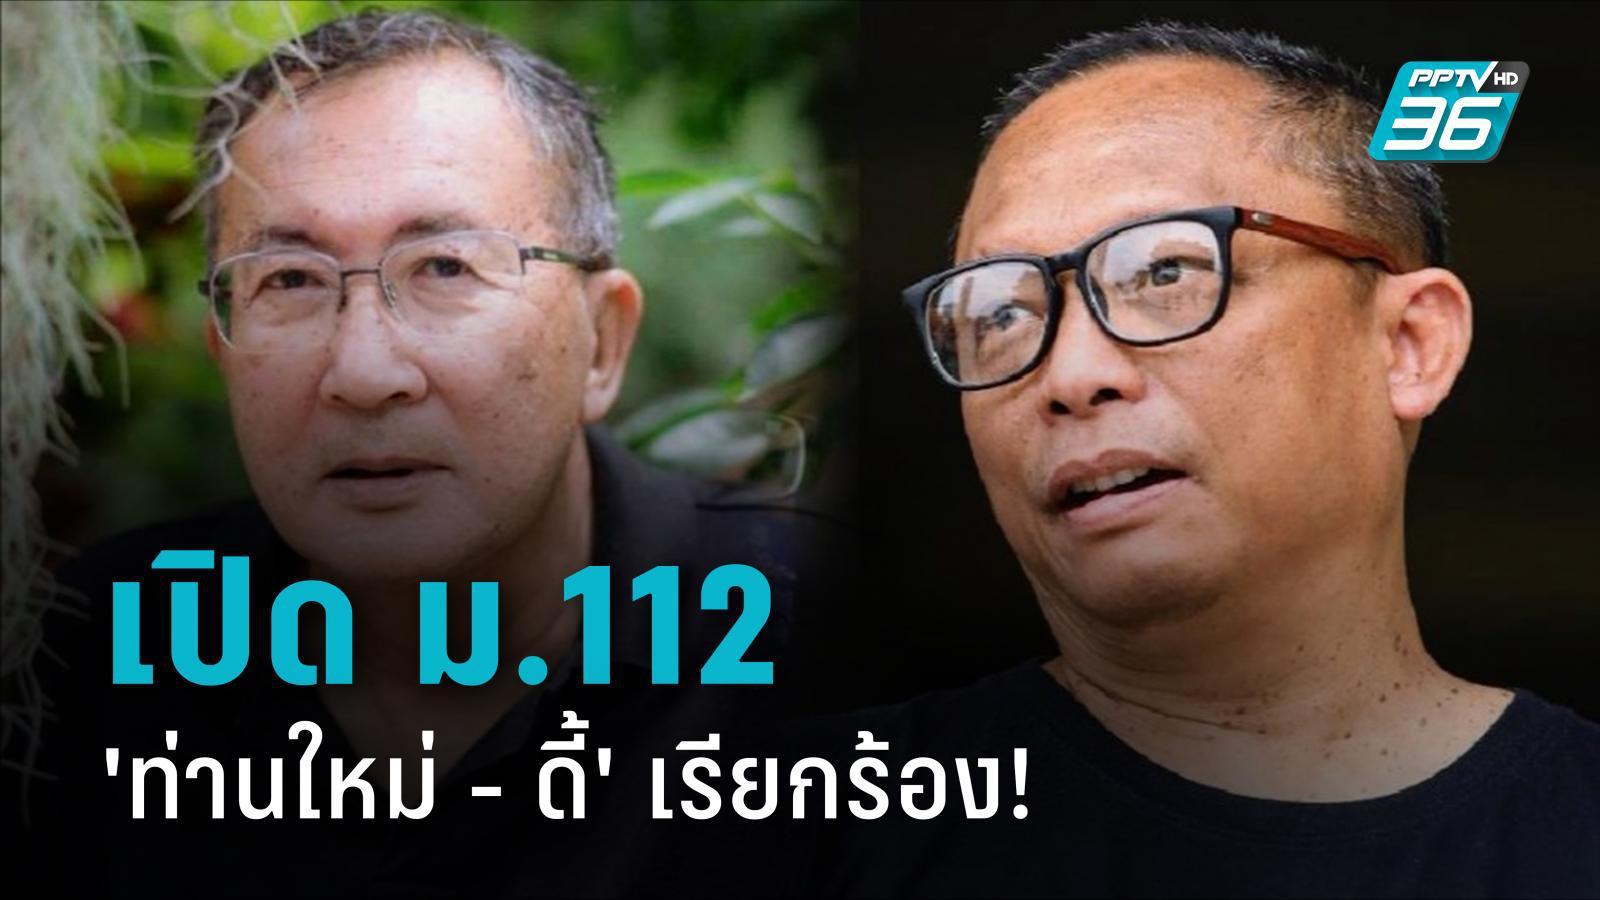 'พล.อ.หม่อมเจ้า จุลเจิม - ดี้ นิติพงษ์' ประสานเสียงเรียกร้องรัฐ ใช้ ม.112 ได้แล้ว!